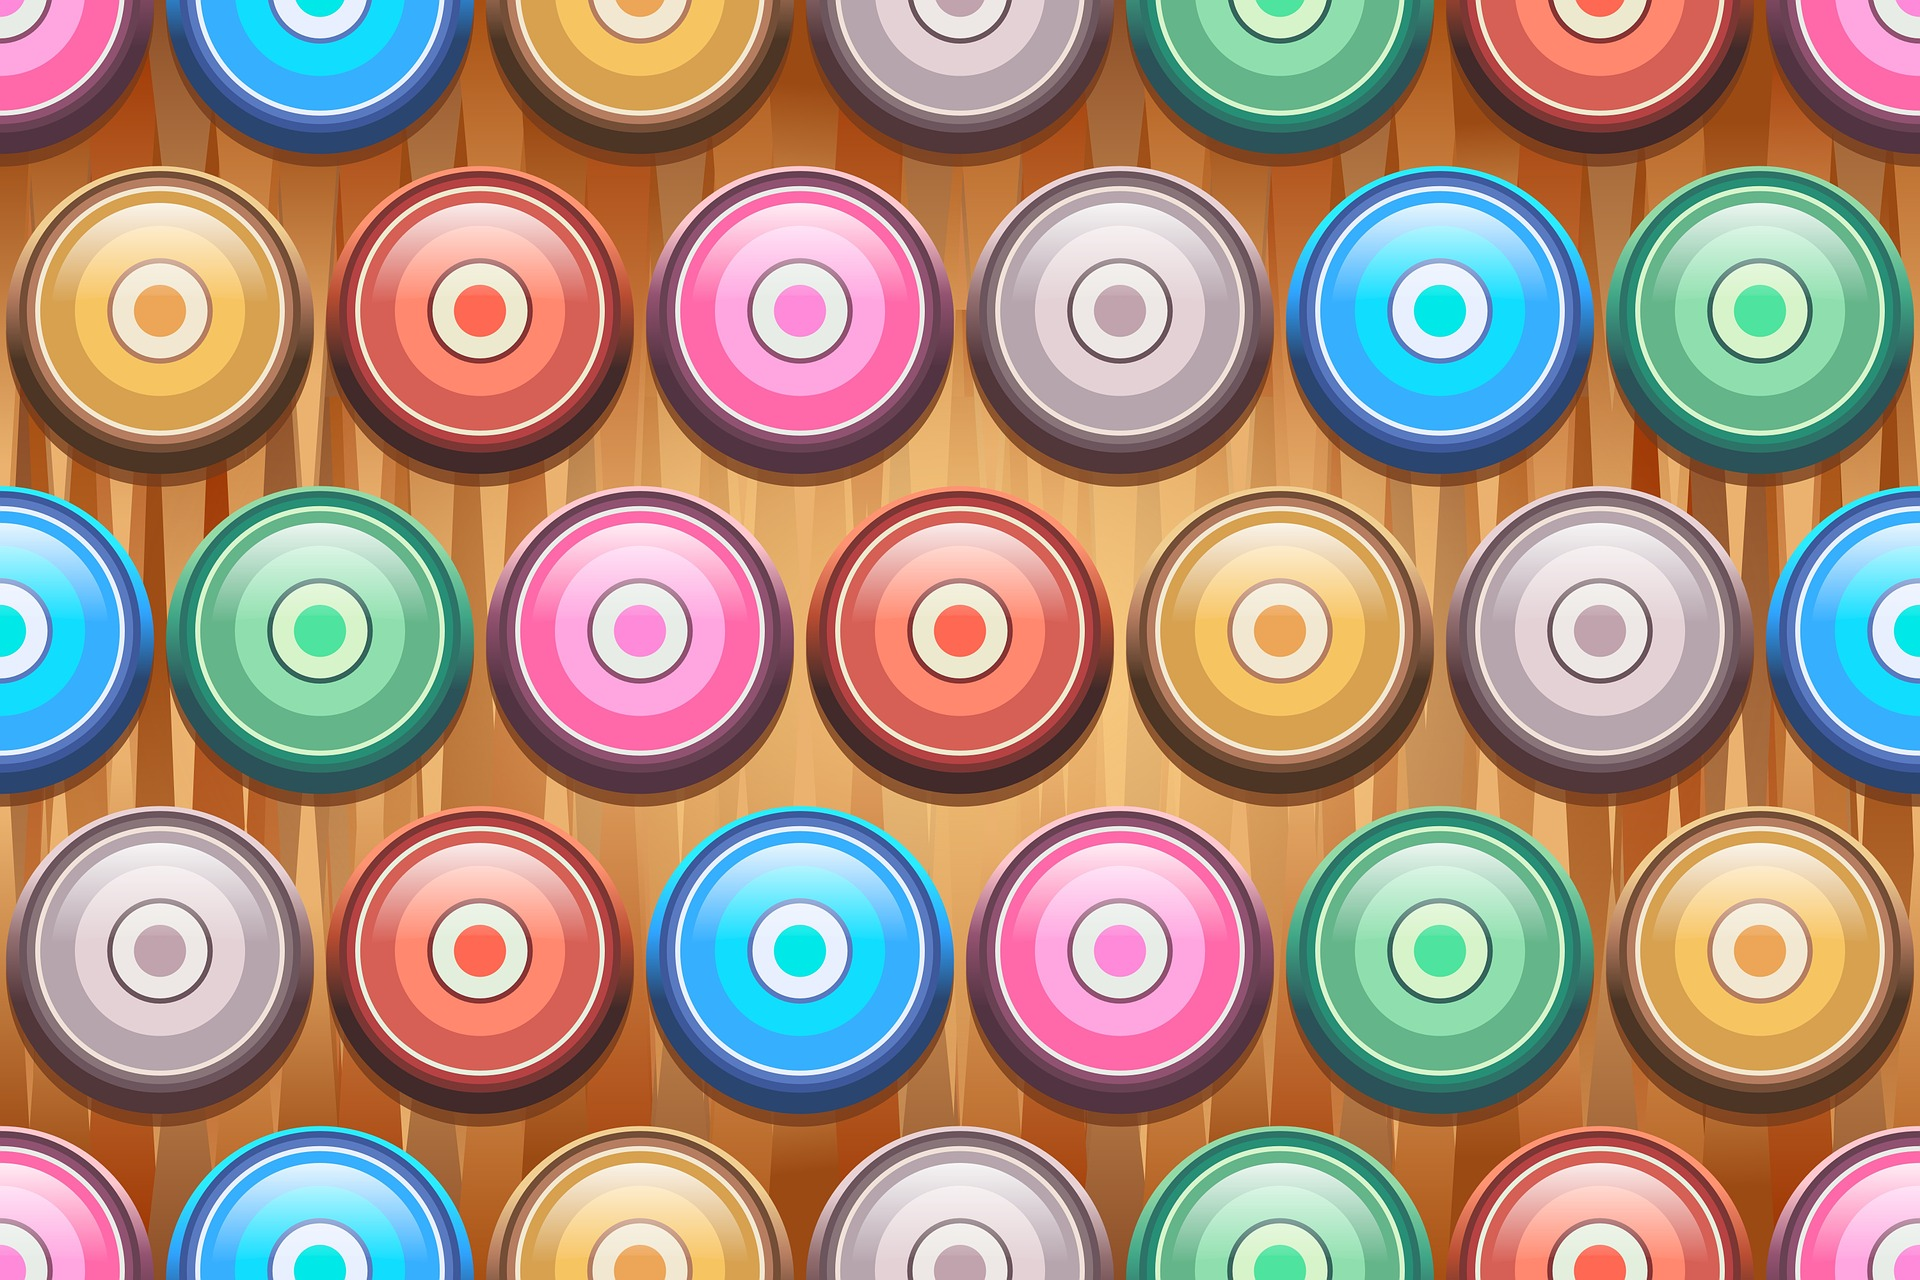 ディスク, 円, 色, 同心円, 対称性 - HD の壁紙 - 教授-falken.com